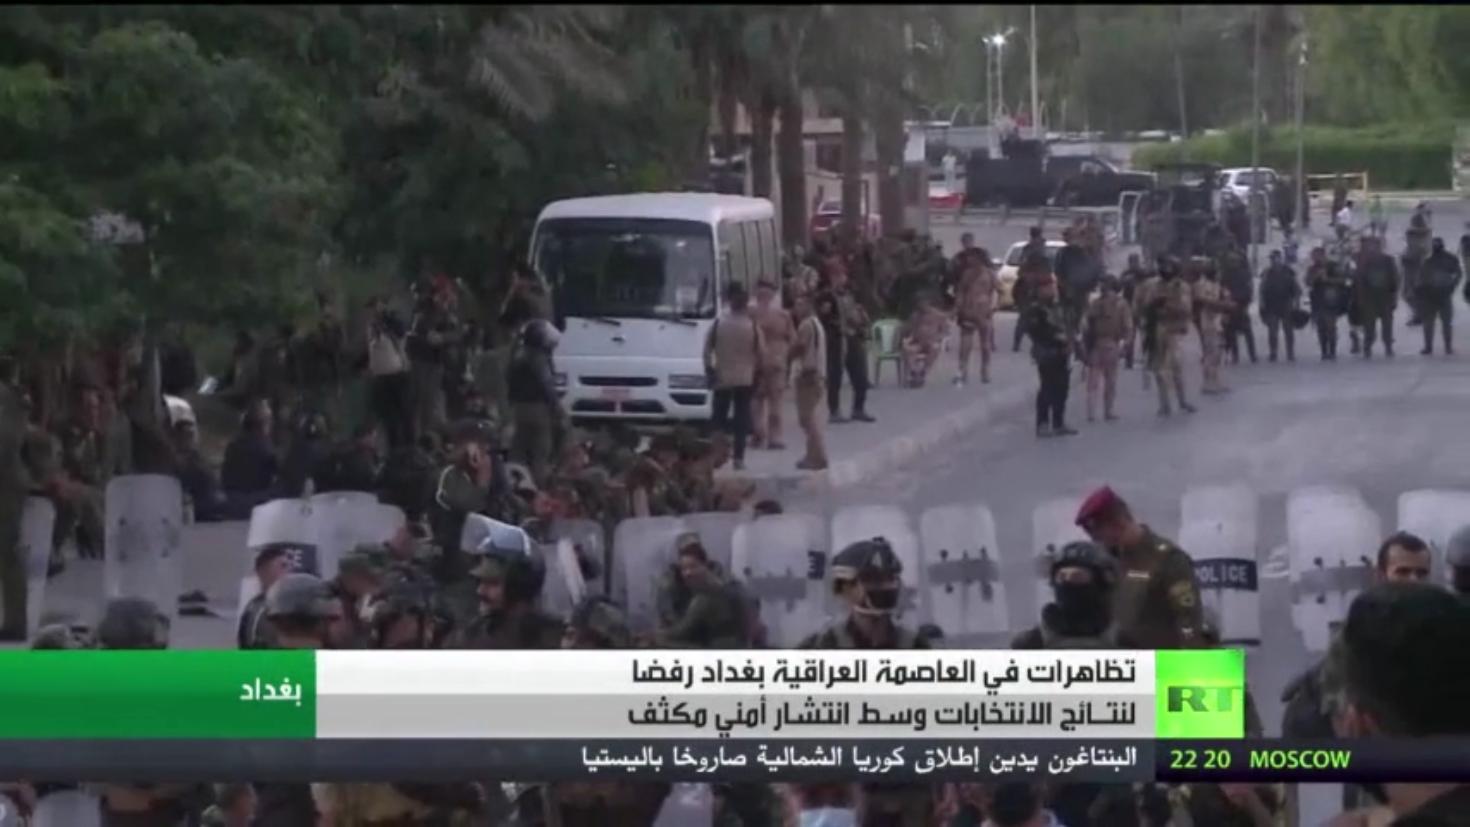 تظاهرات في بغداد رفضا لنتائج الانتخابات